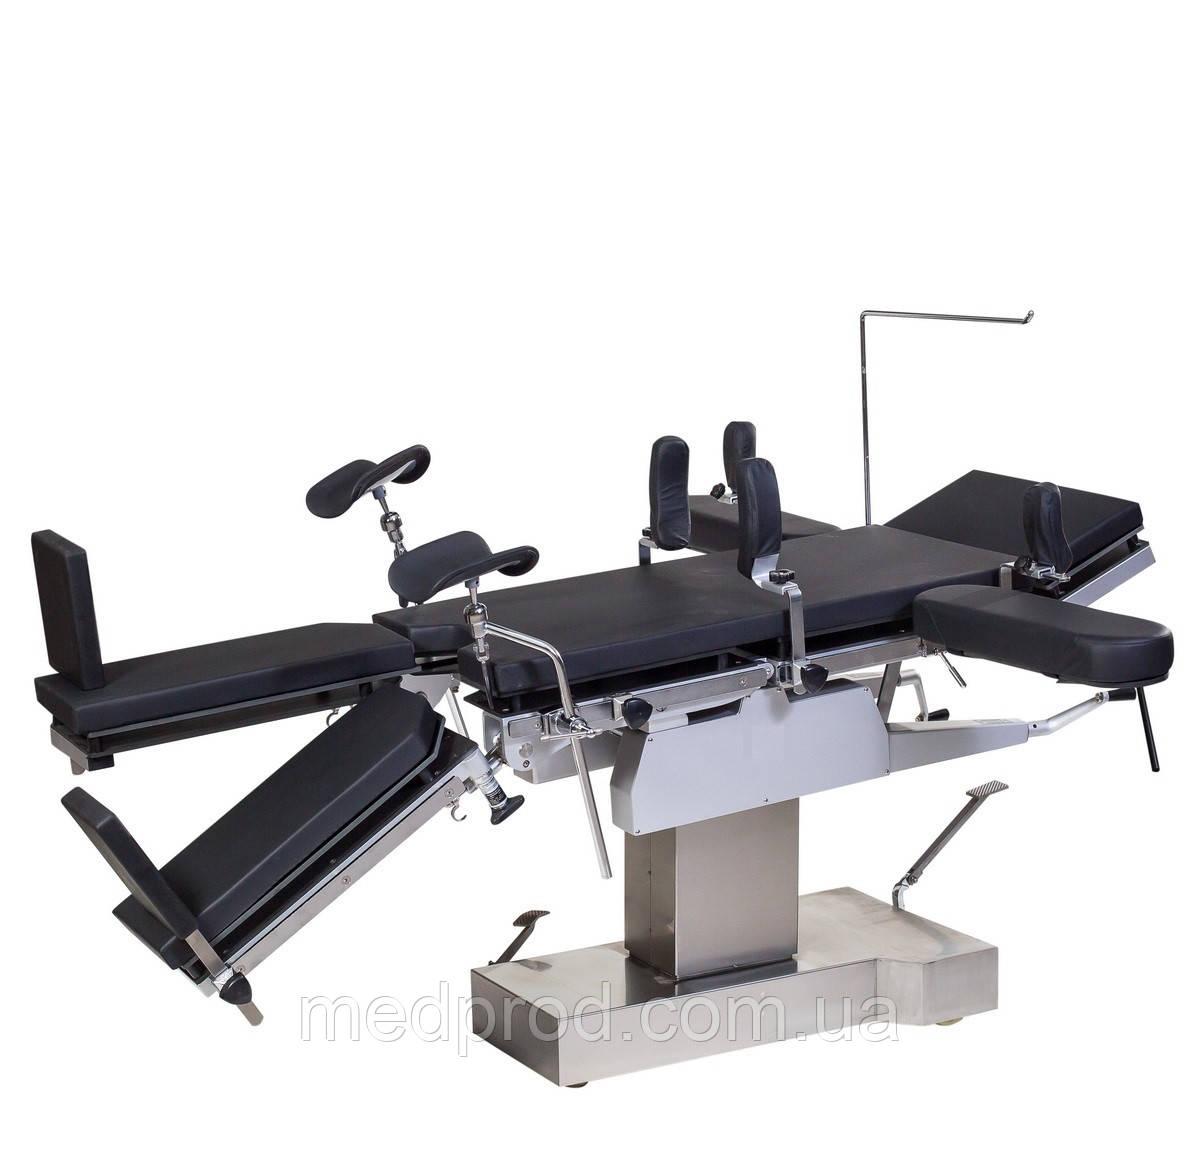 МТ300 стіл операційний універсальний рентгенопрозорий з механіко-гідравлічним приводом